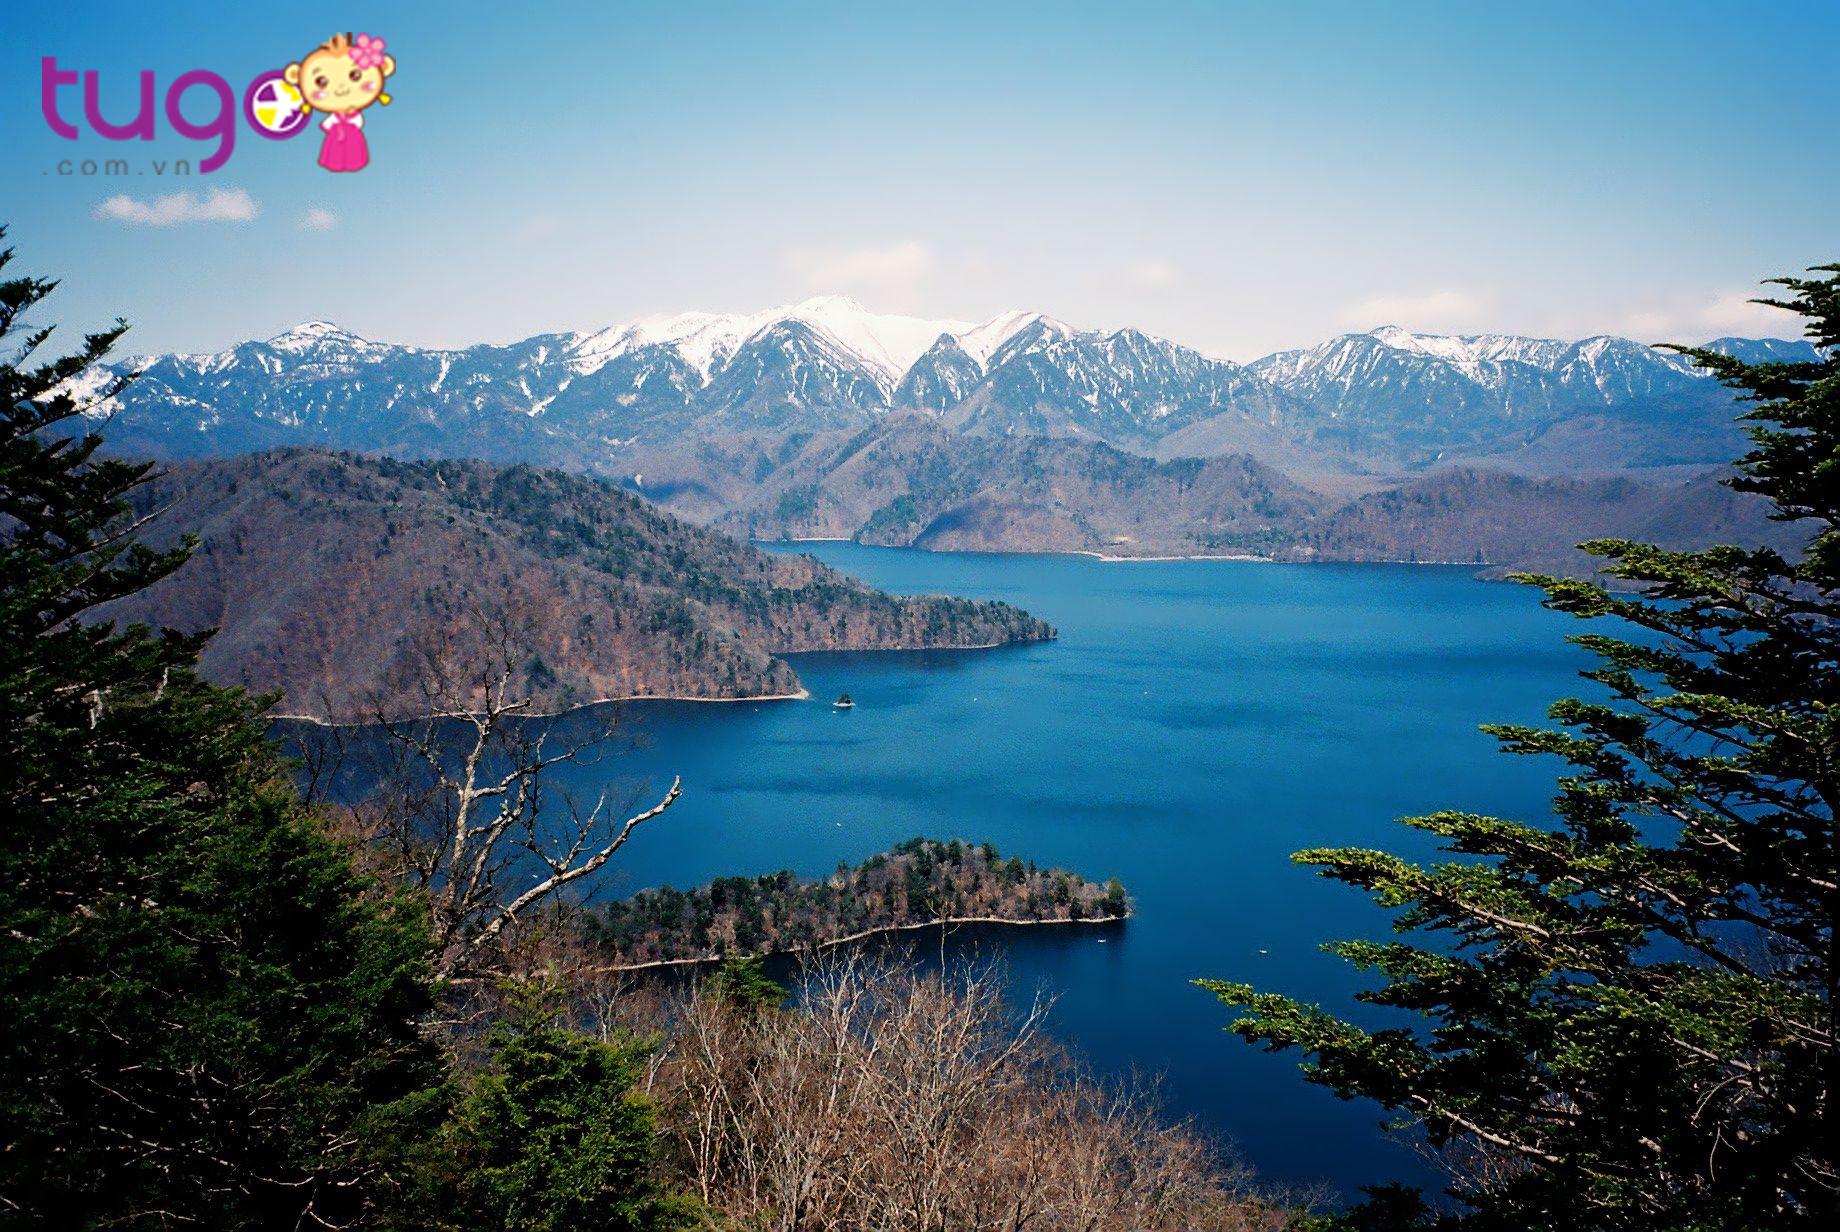 Hồ Nikko là hồ nước lớn nhất tỉnh Tochigi nổi tiếng với phong cảnh trữ tình, nên thơ